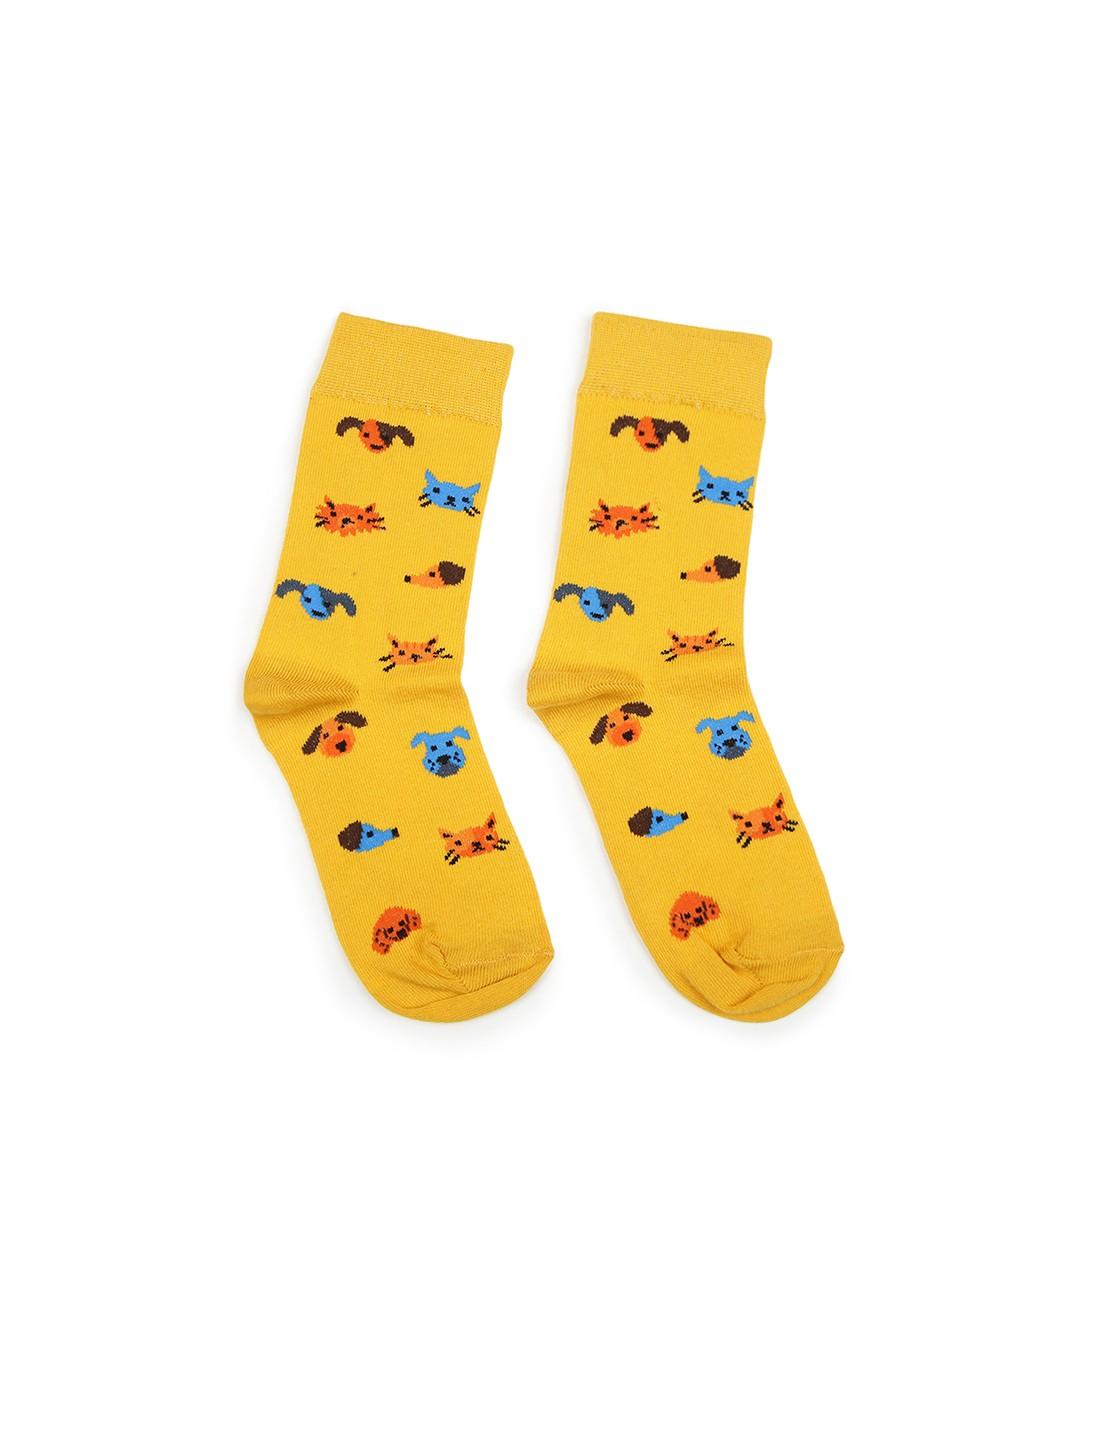 Soxytoes   Soxytoes Pets Cotton Crew Length Yellow Kids Socks-Age (8-12 Years)